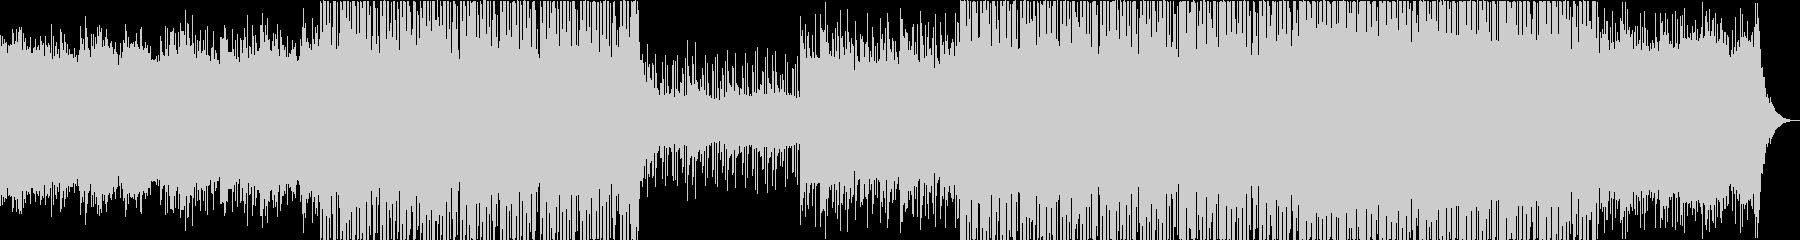 ゆったり切ないアンビエントミュージック。の未再生の波形